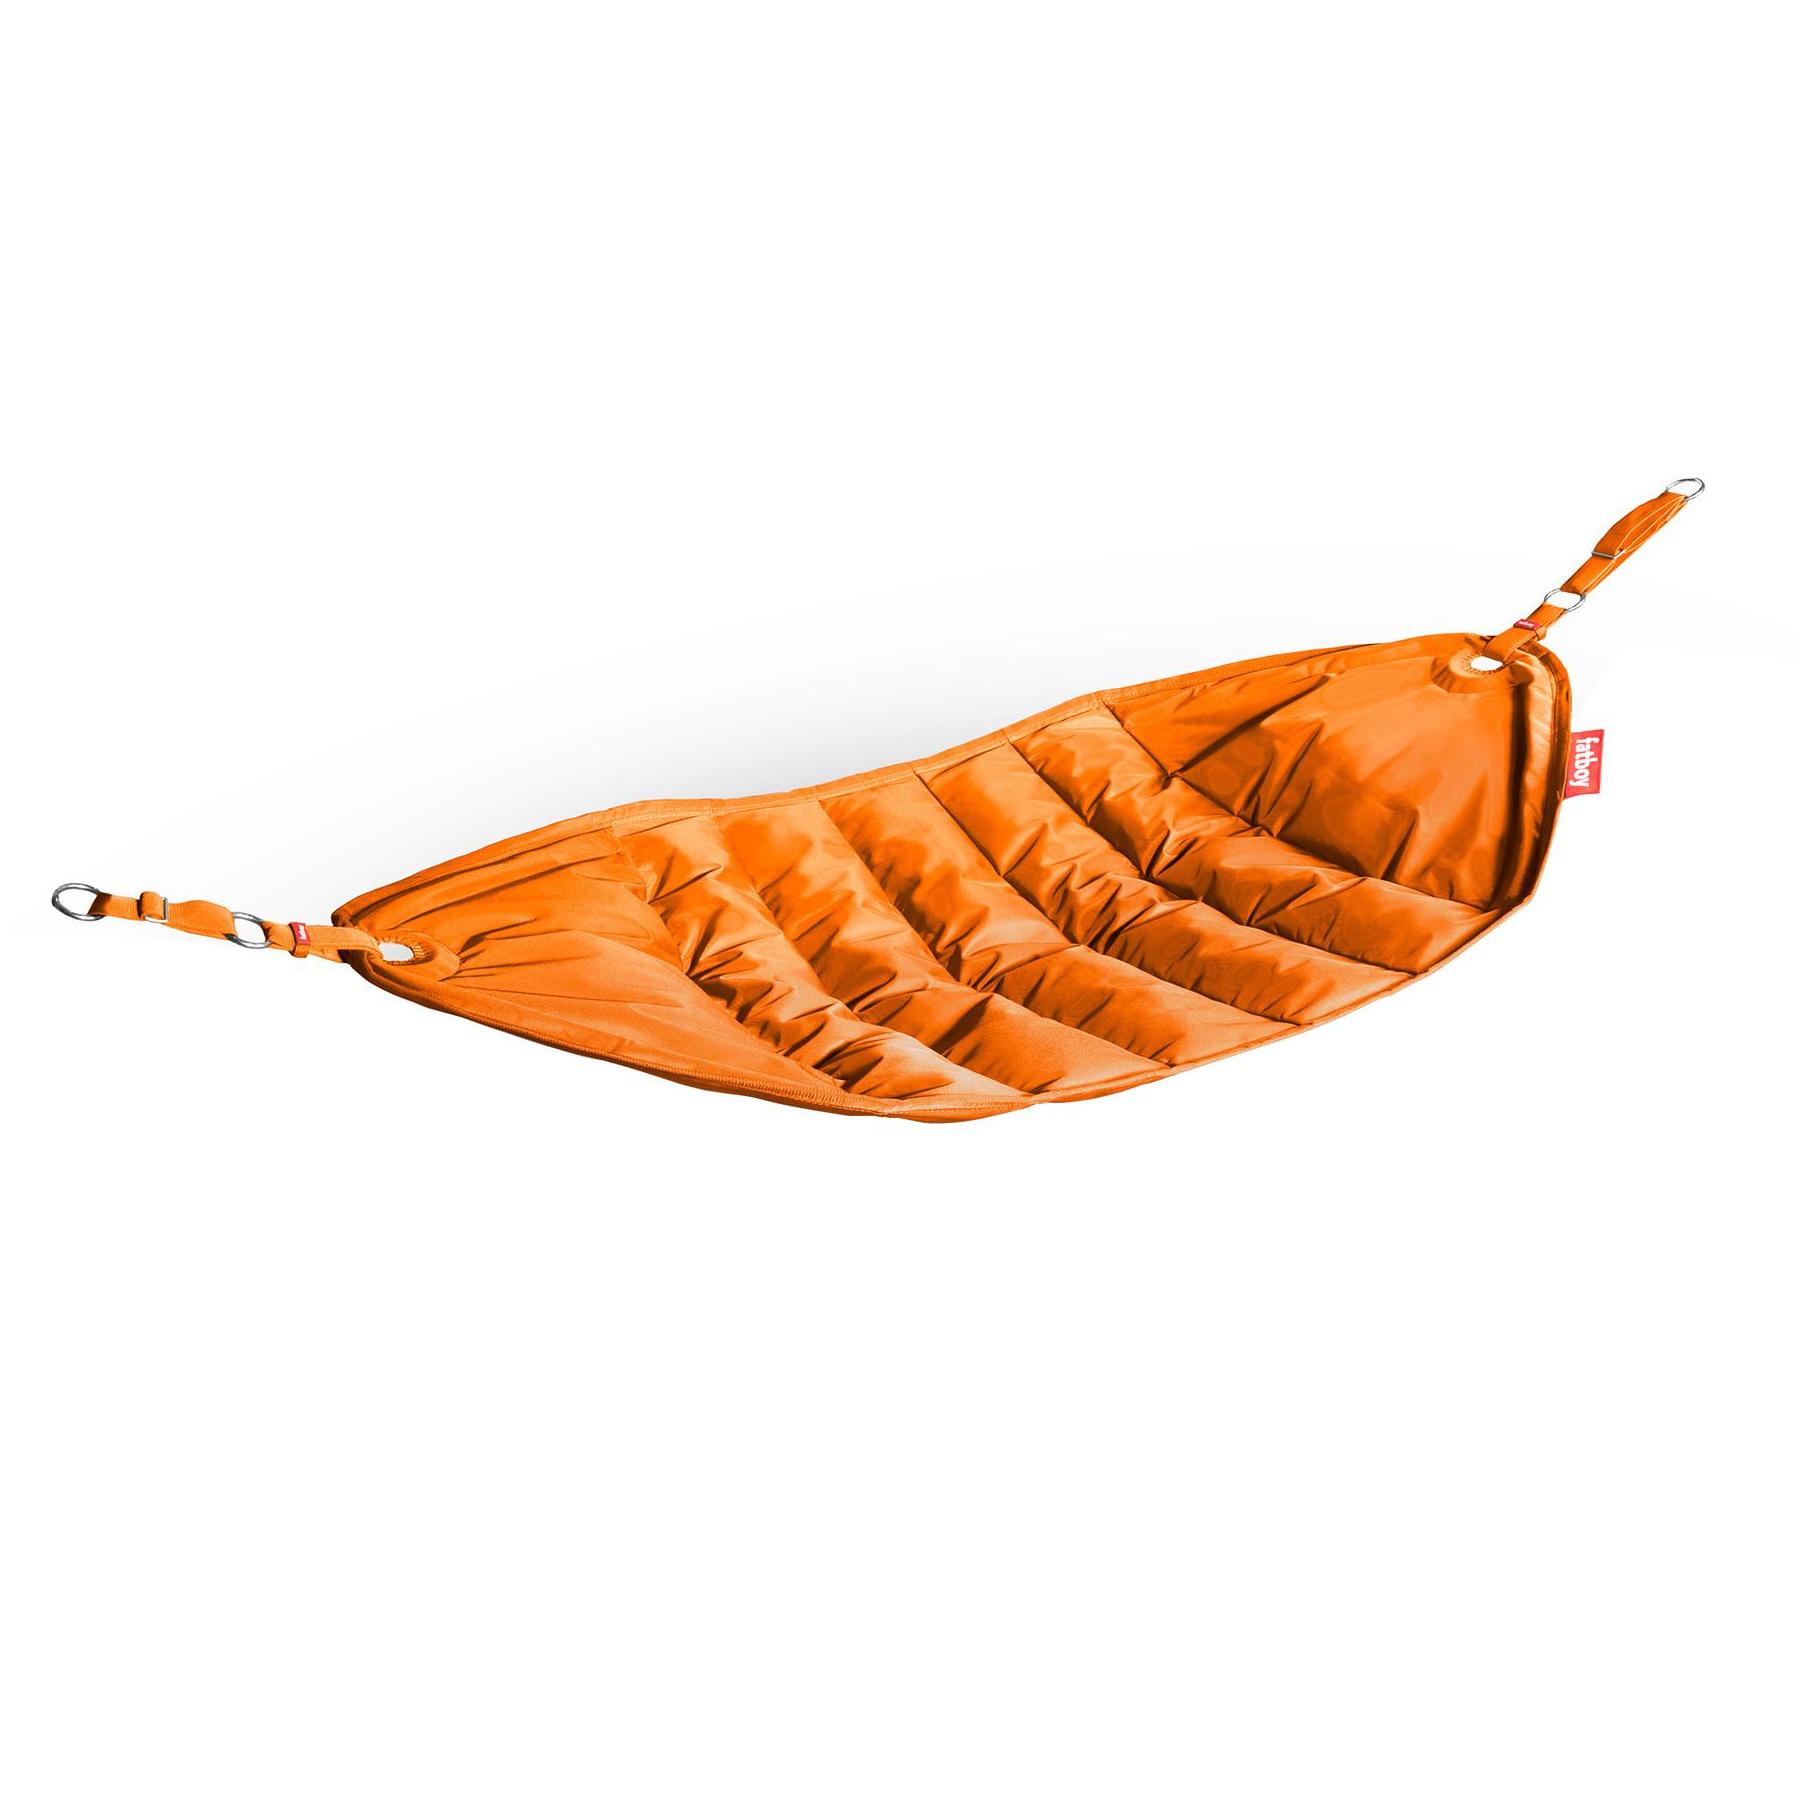 Fatboy - Headdepleck Hängematte - orange/LxB 245x116 5cm/Traglast bis zu 150kg   Garten > Hängematten   Fatboy